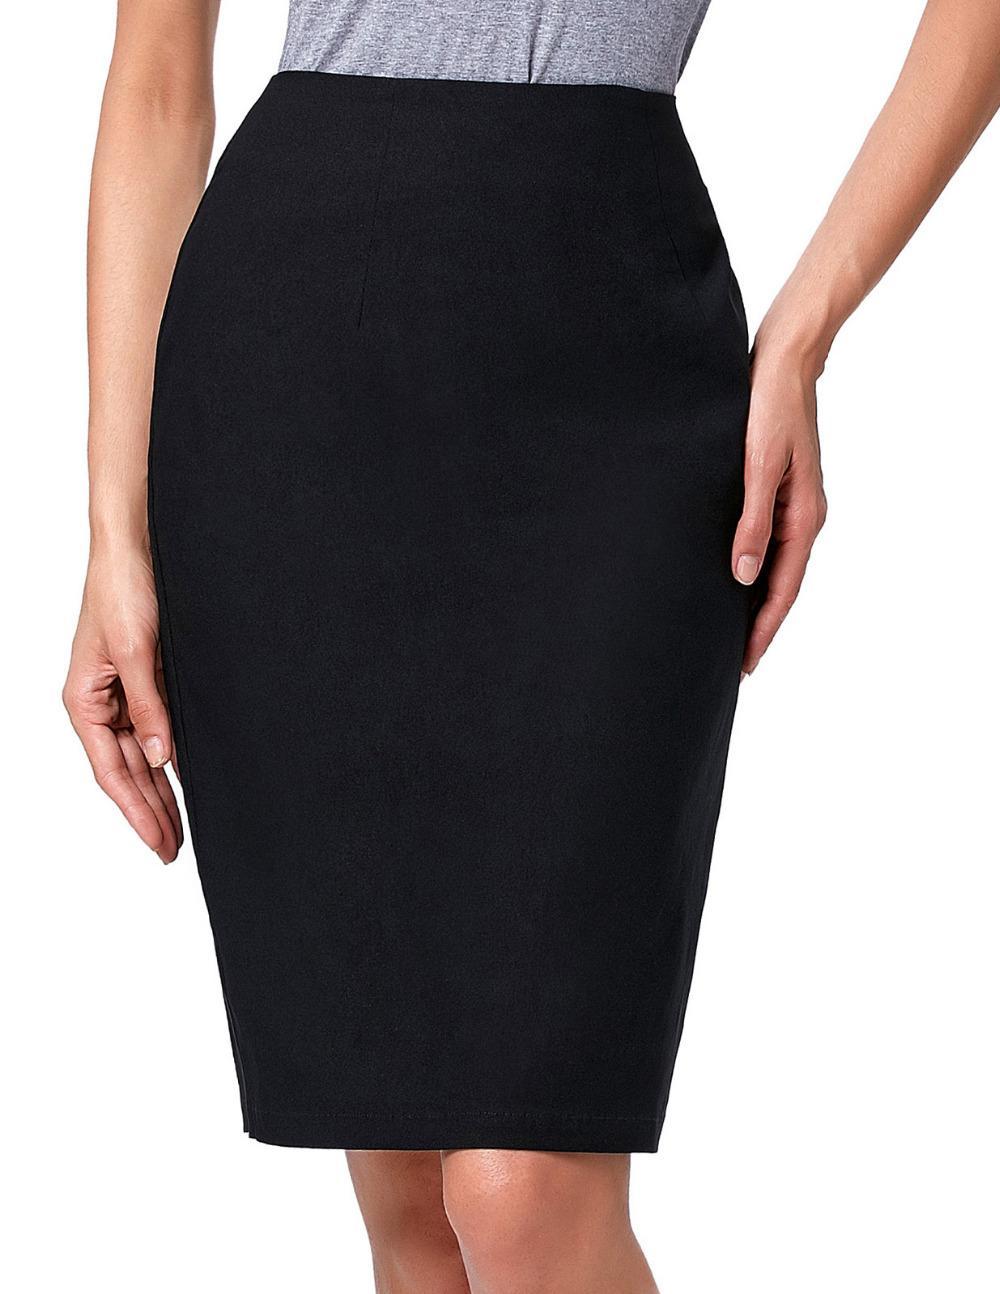 d287cdc84a High Elastic Slim Office Skirts Women Summer Skirt 2016 Black White ...